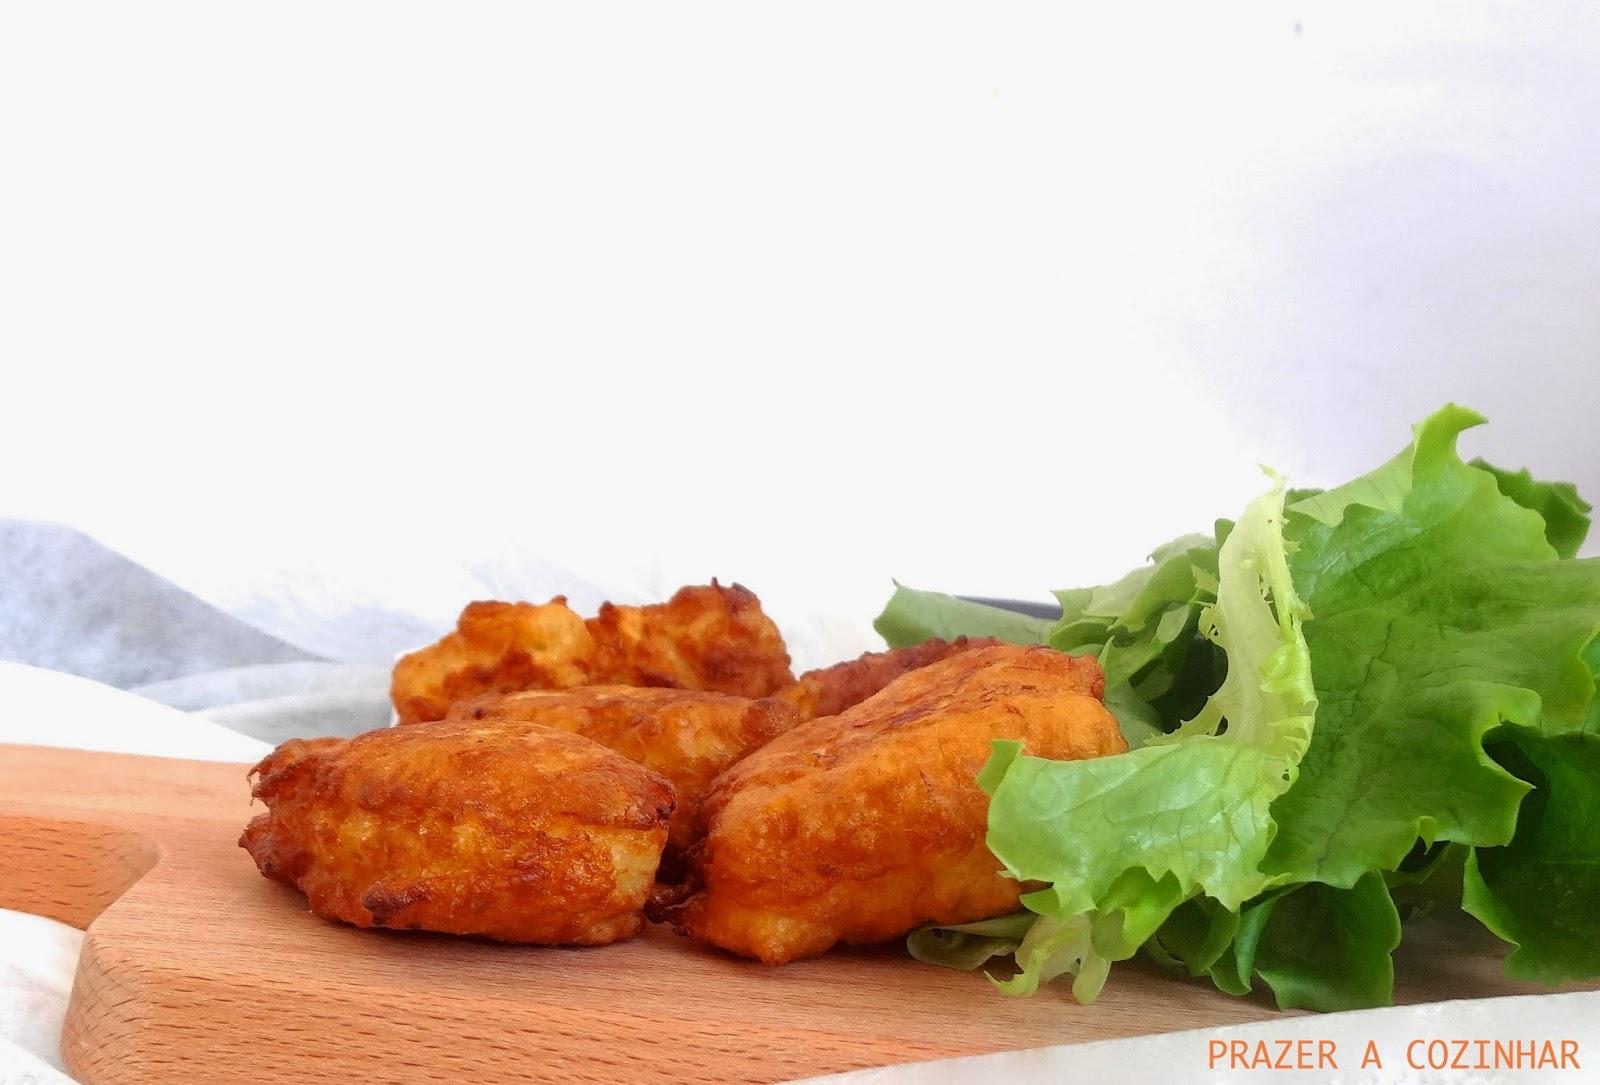 prazer a cozinhar - Pataniscas de bacalhau